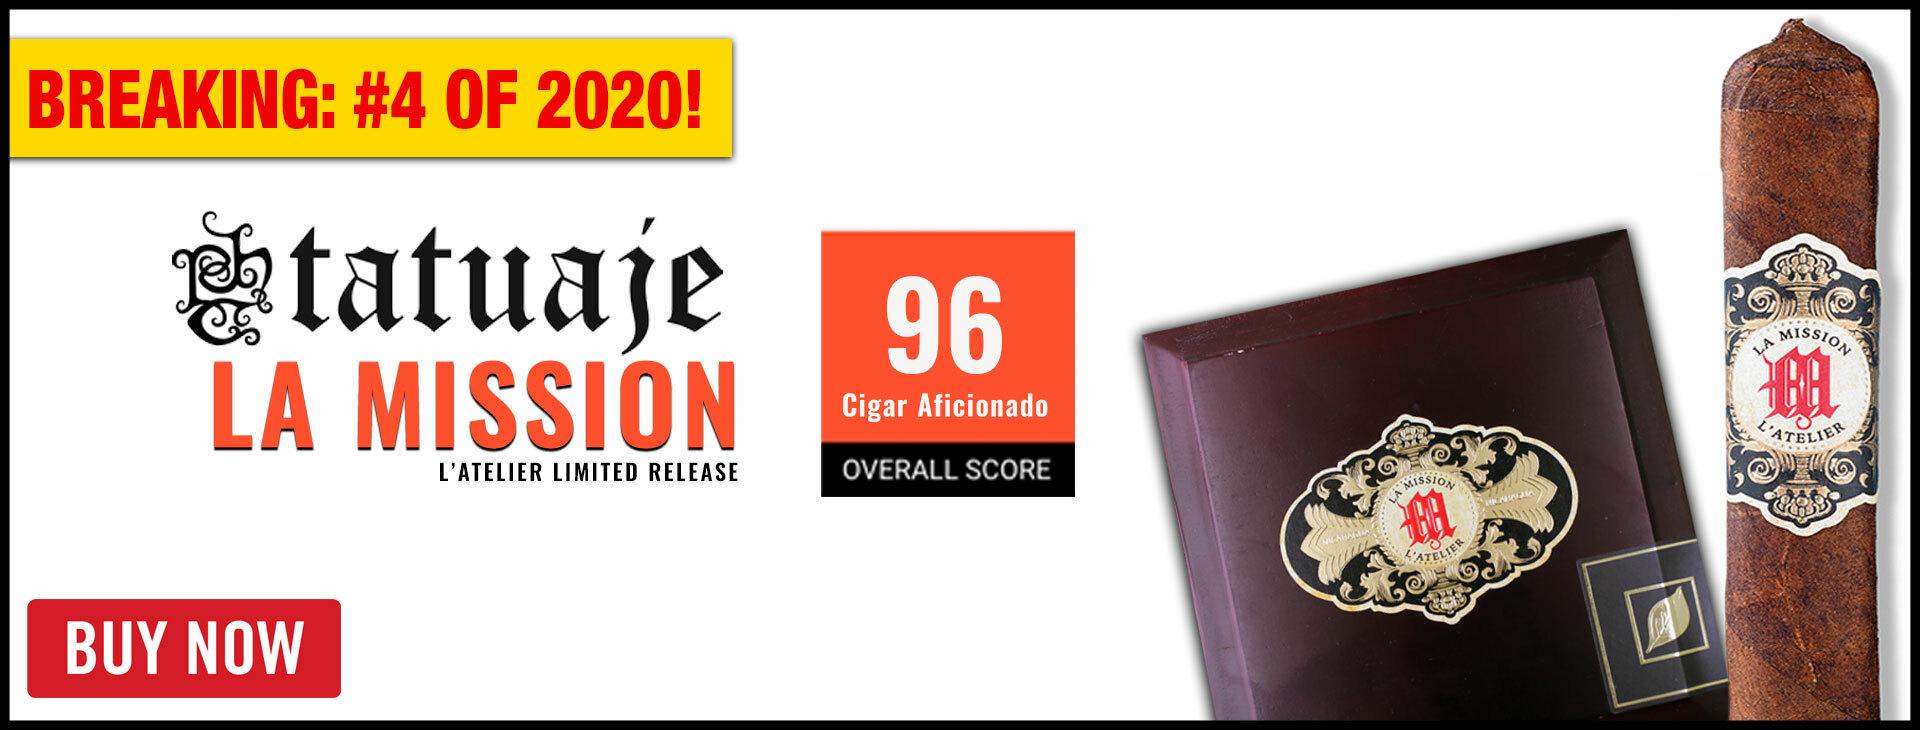 #4 CIGAR OF 2020: TATUAJE LA MISSION!